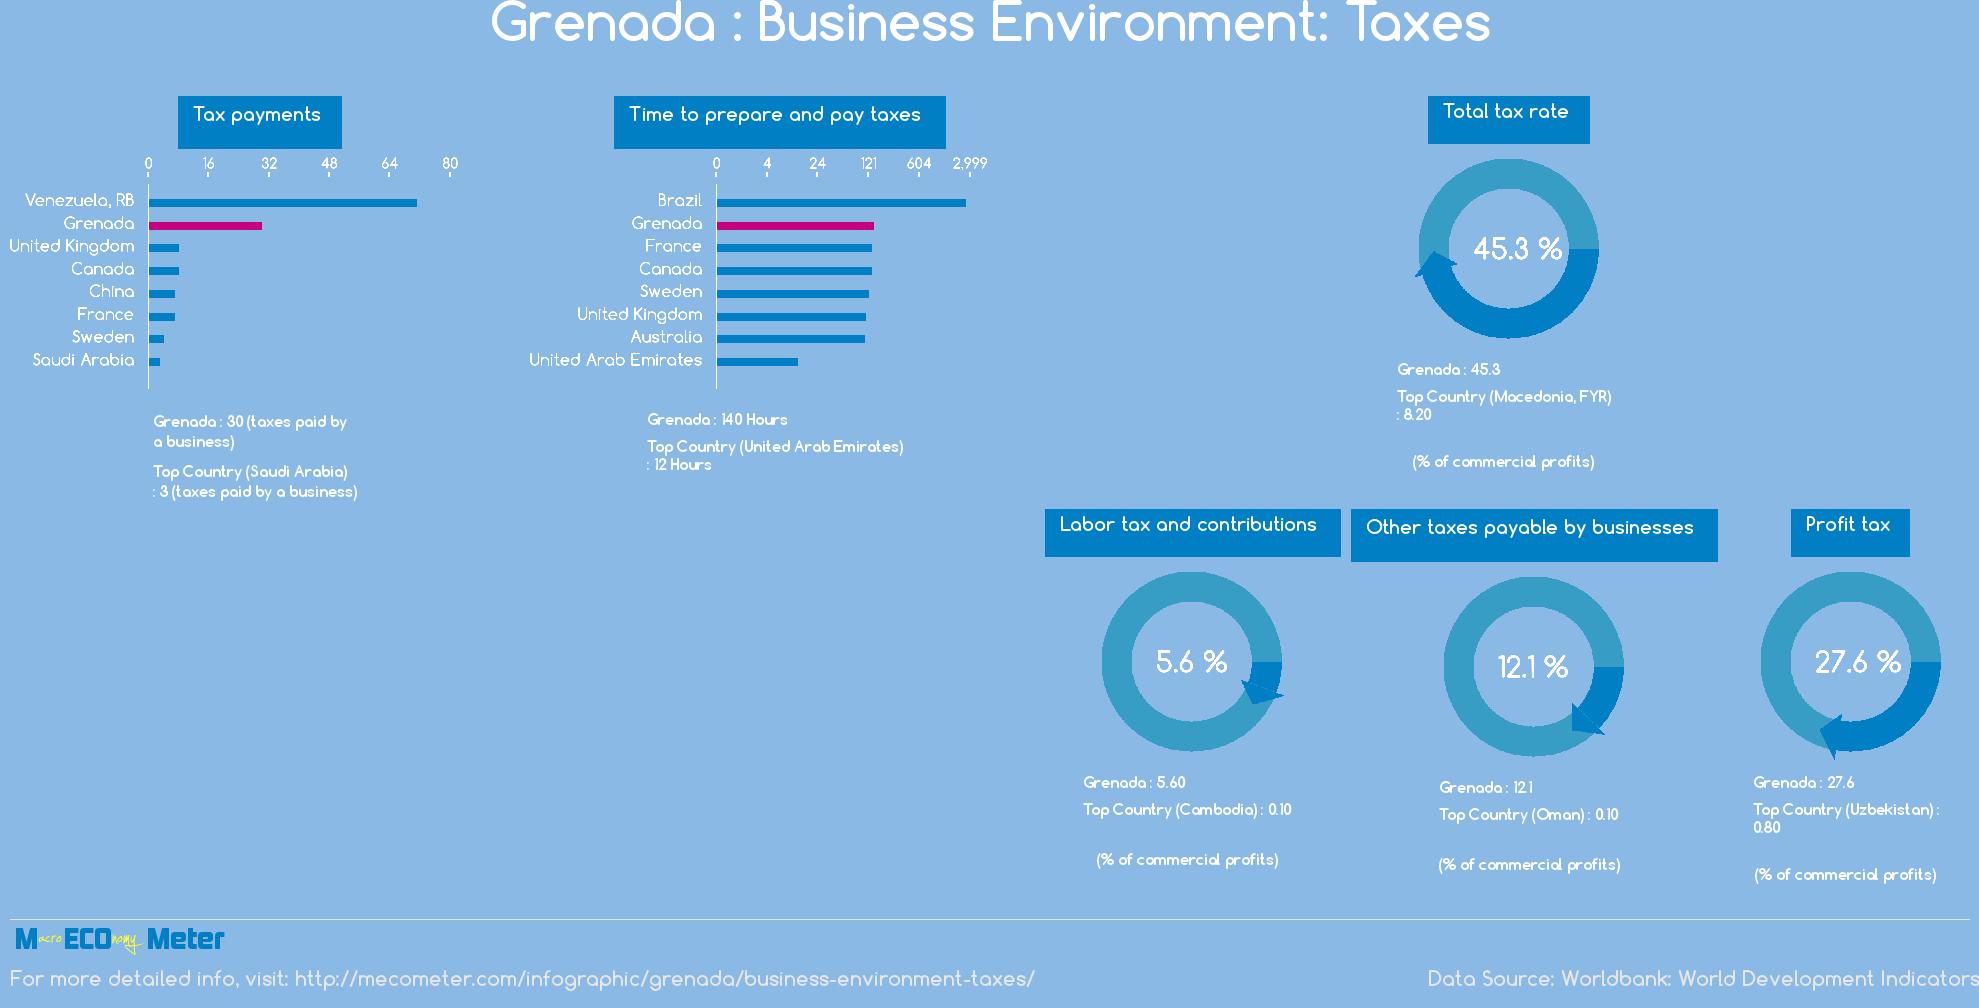 Grenada : Business Environment: Taxes